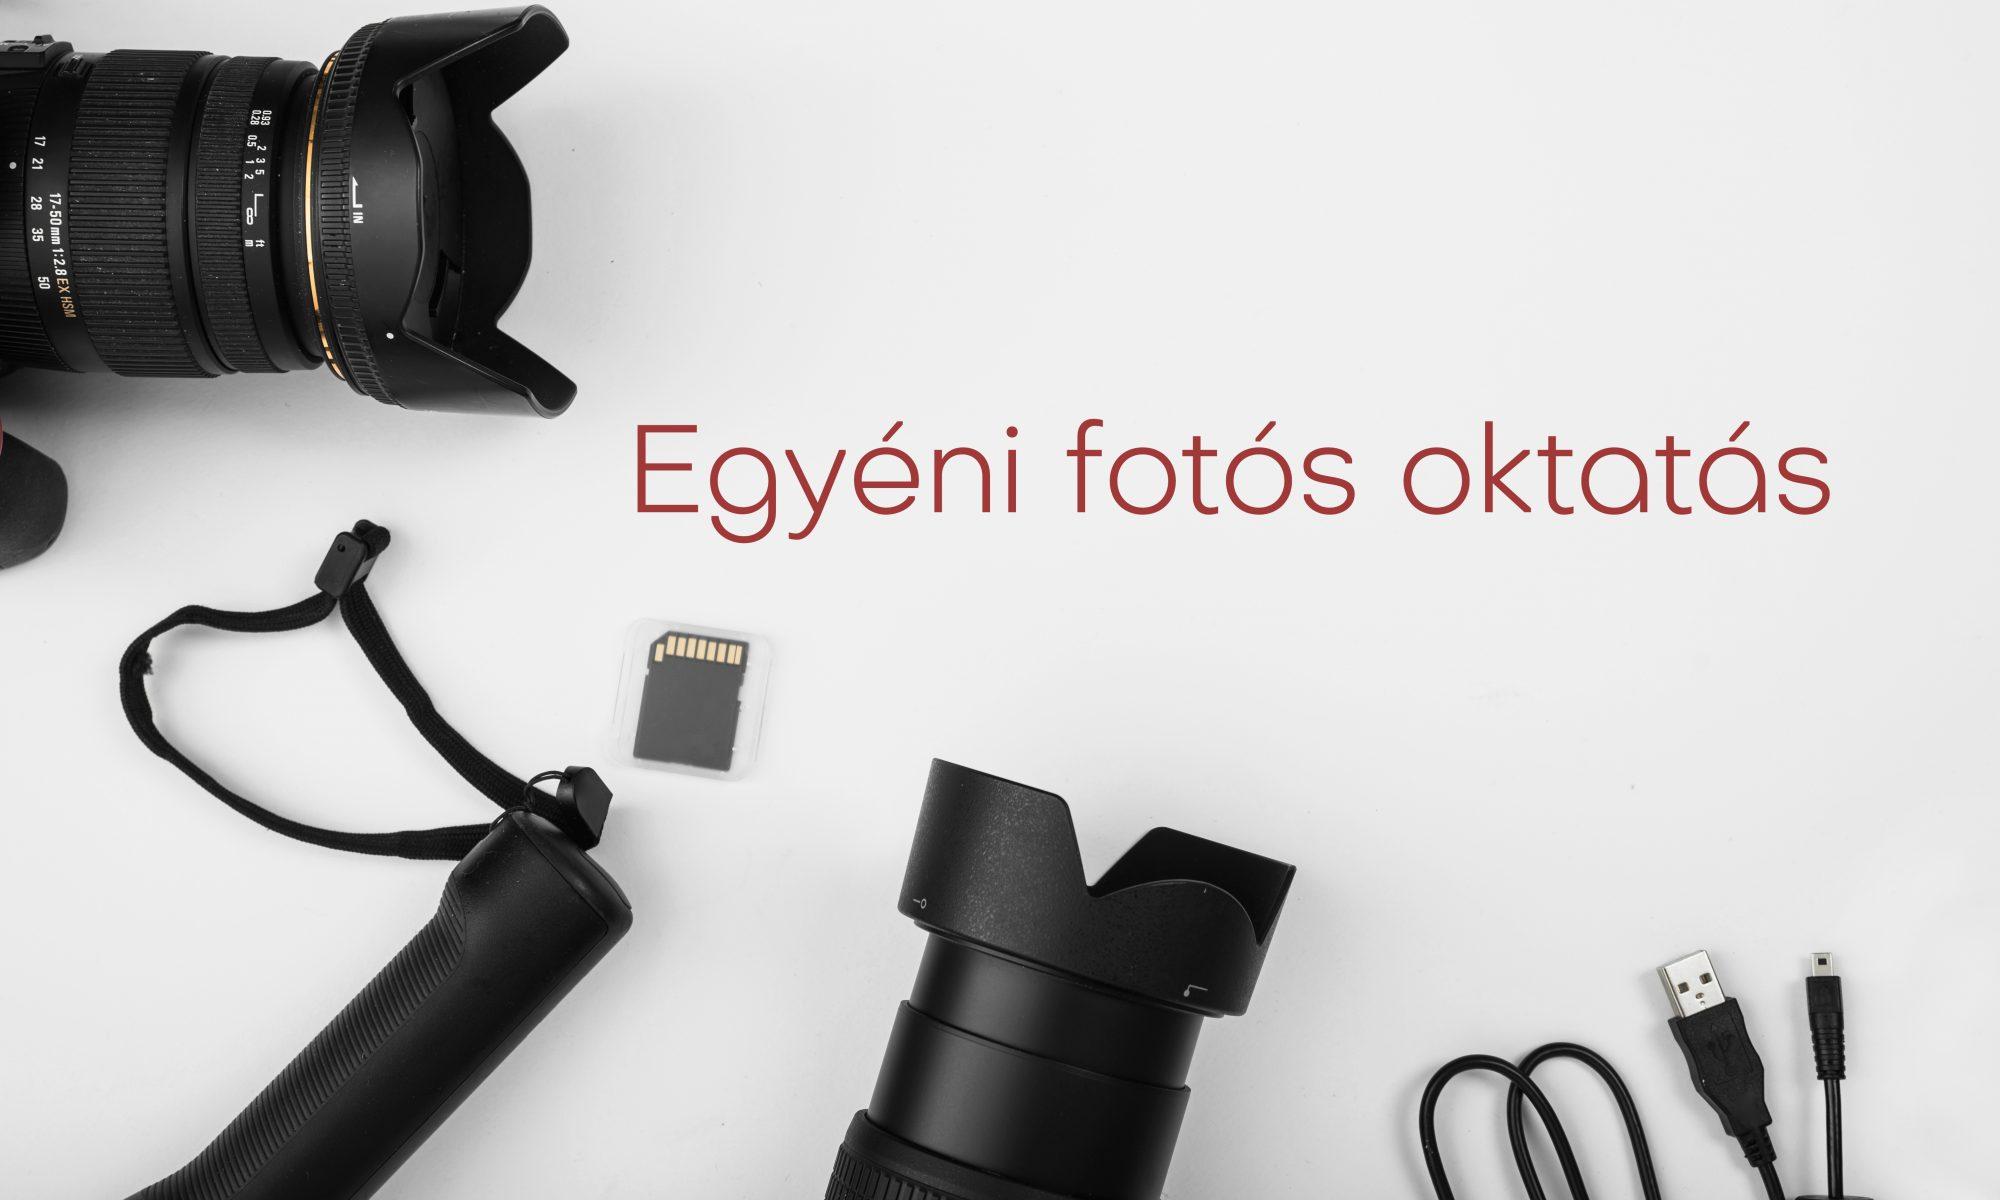 fotozas,foto,foto oktatas,fotooktatas,mentor,mentoralas,egyeni oktatas,pragerfoto,pragerpeter